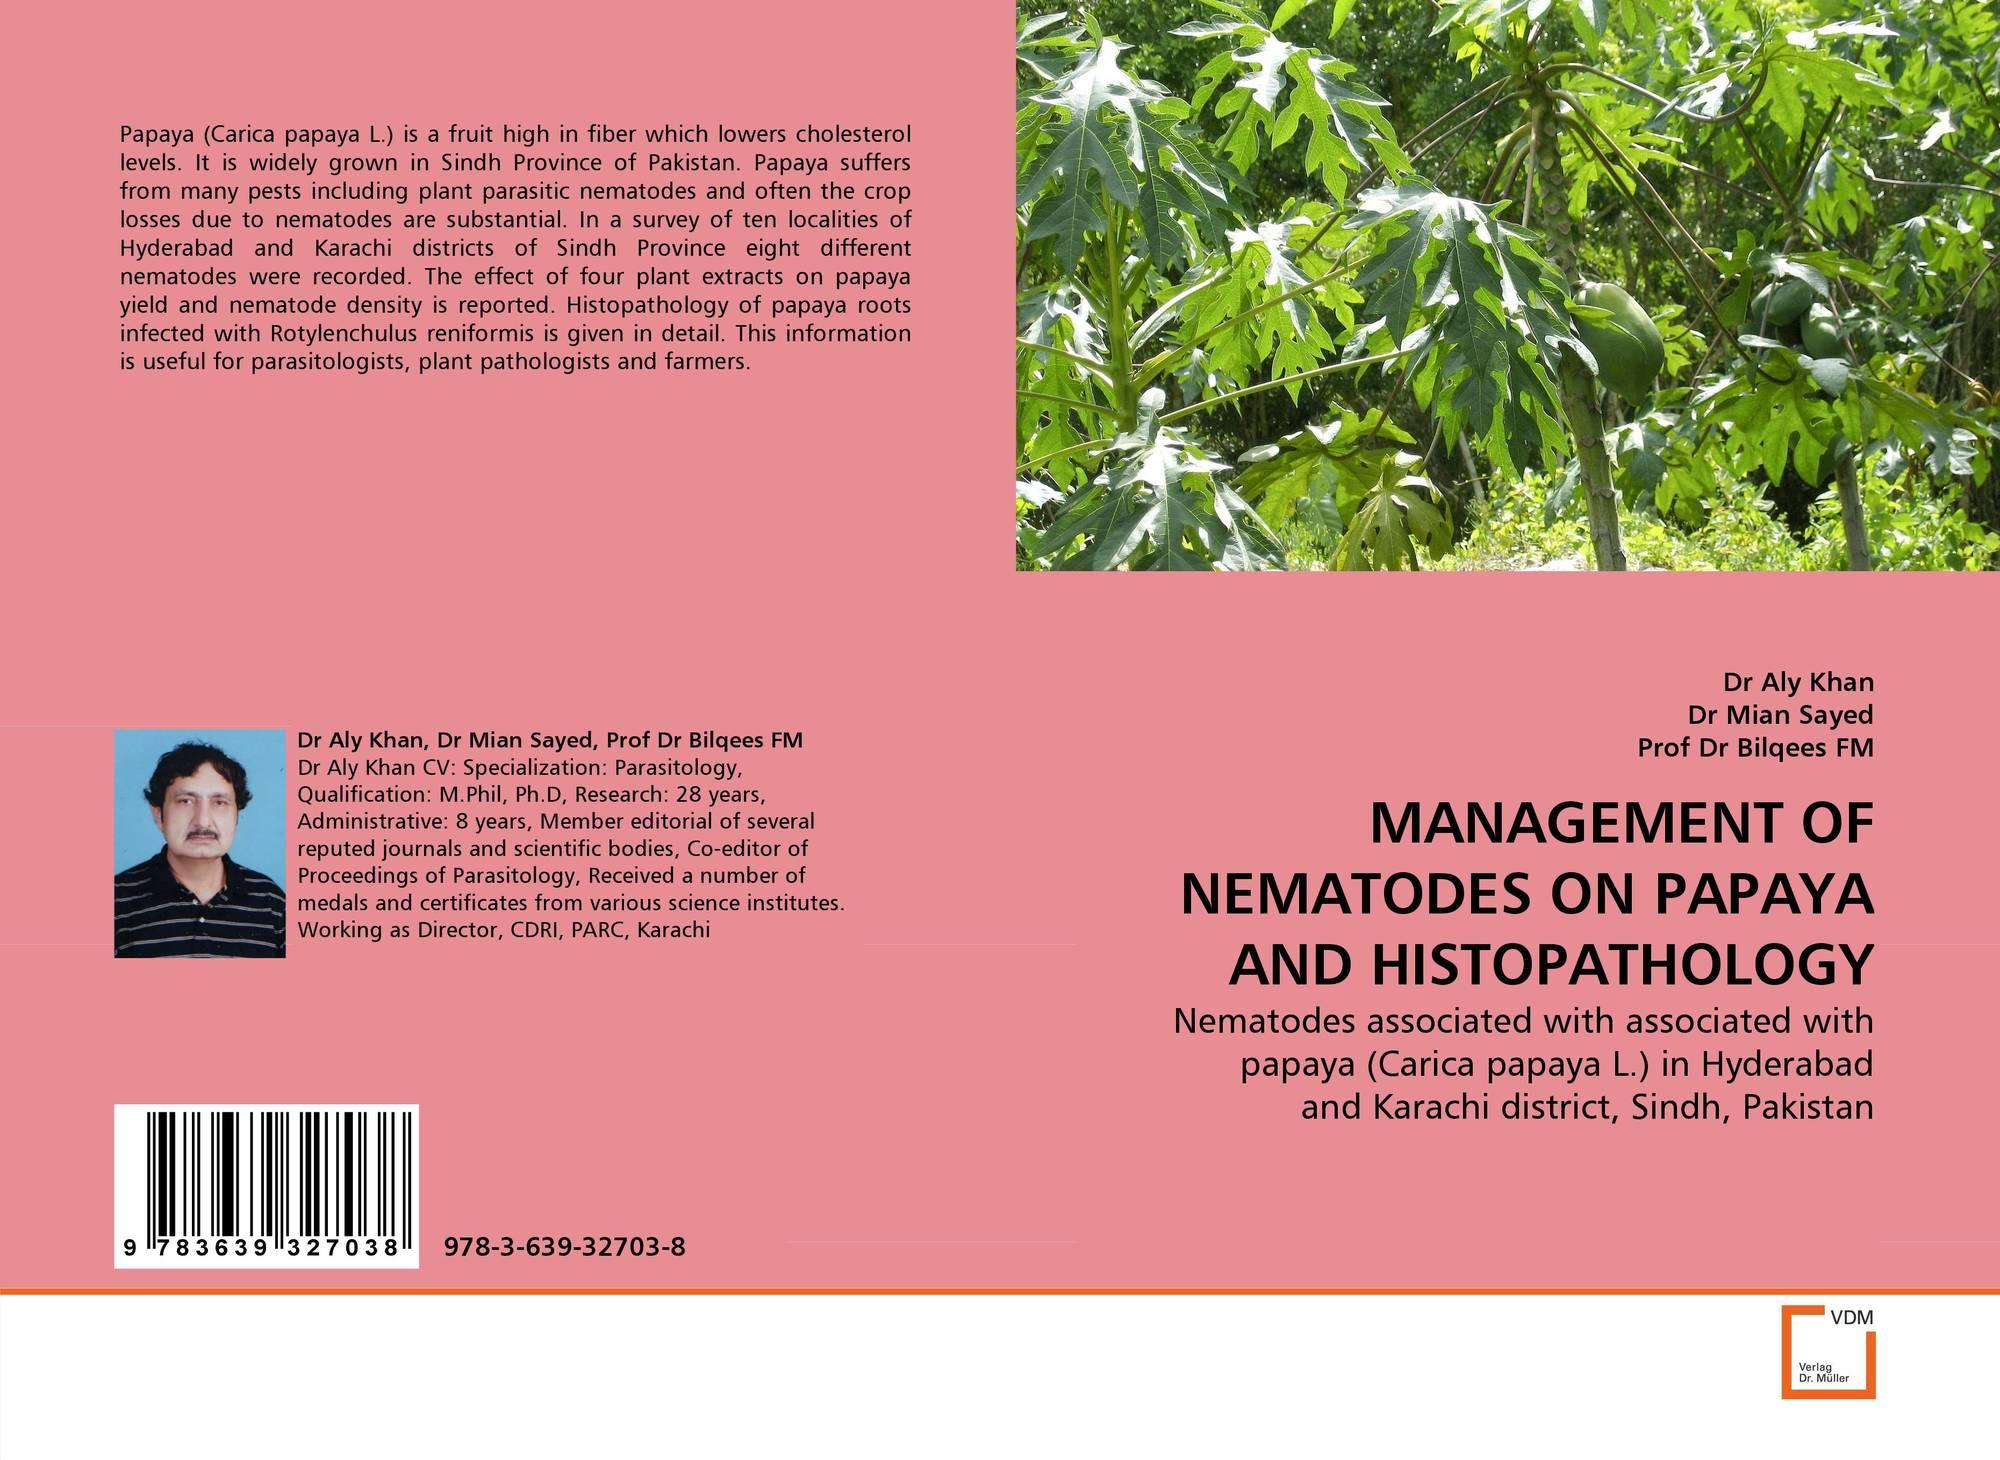 MANAGEMENT OF NEMATODES ON PAPAYA AND HISTOPATHOLOGY, 978-3